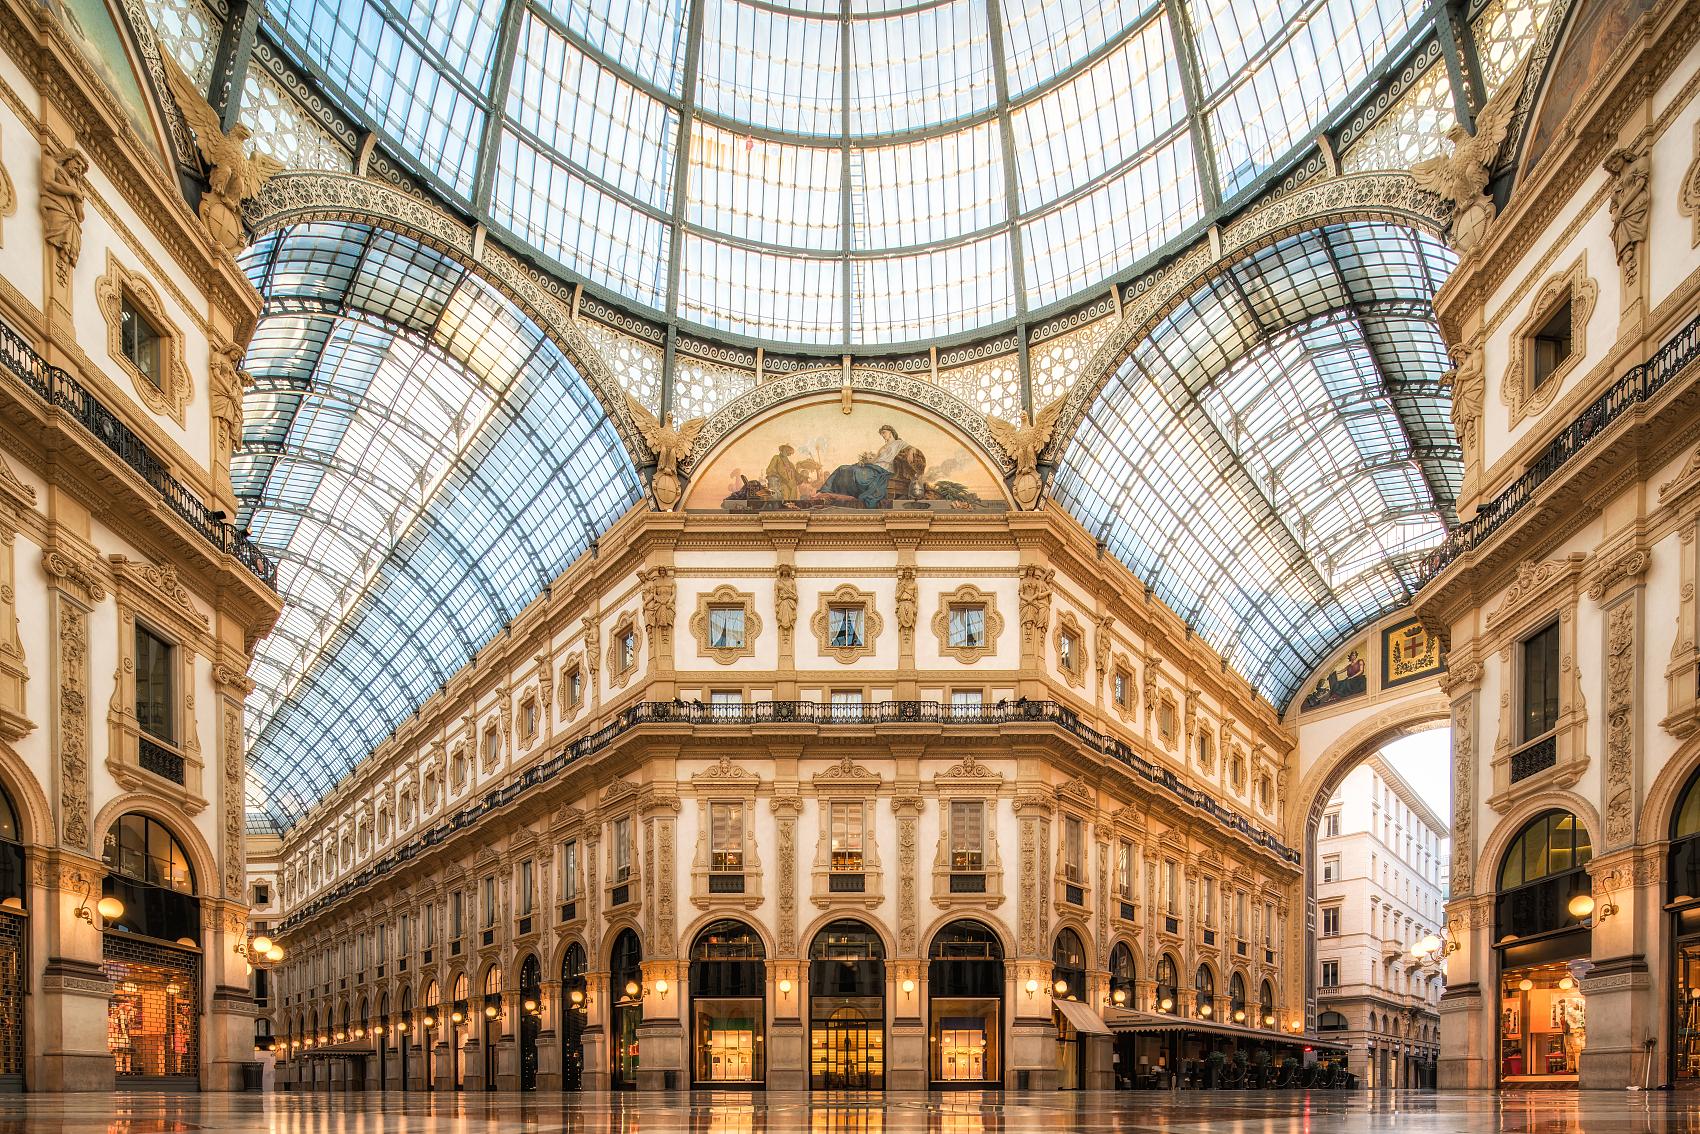 Chanel 与意大利珠宝品牌 Damiani 等五家竞标米兰埃马努埃莱二世拱廊的黄金铺位